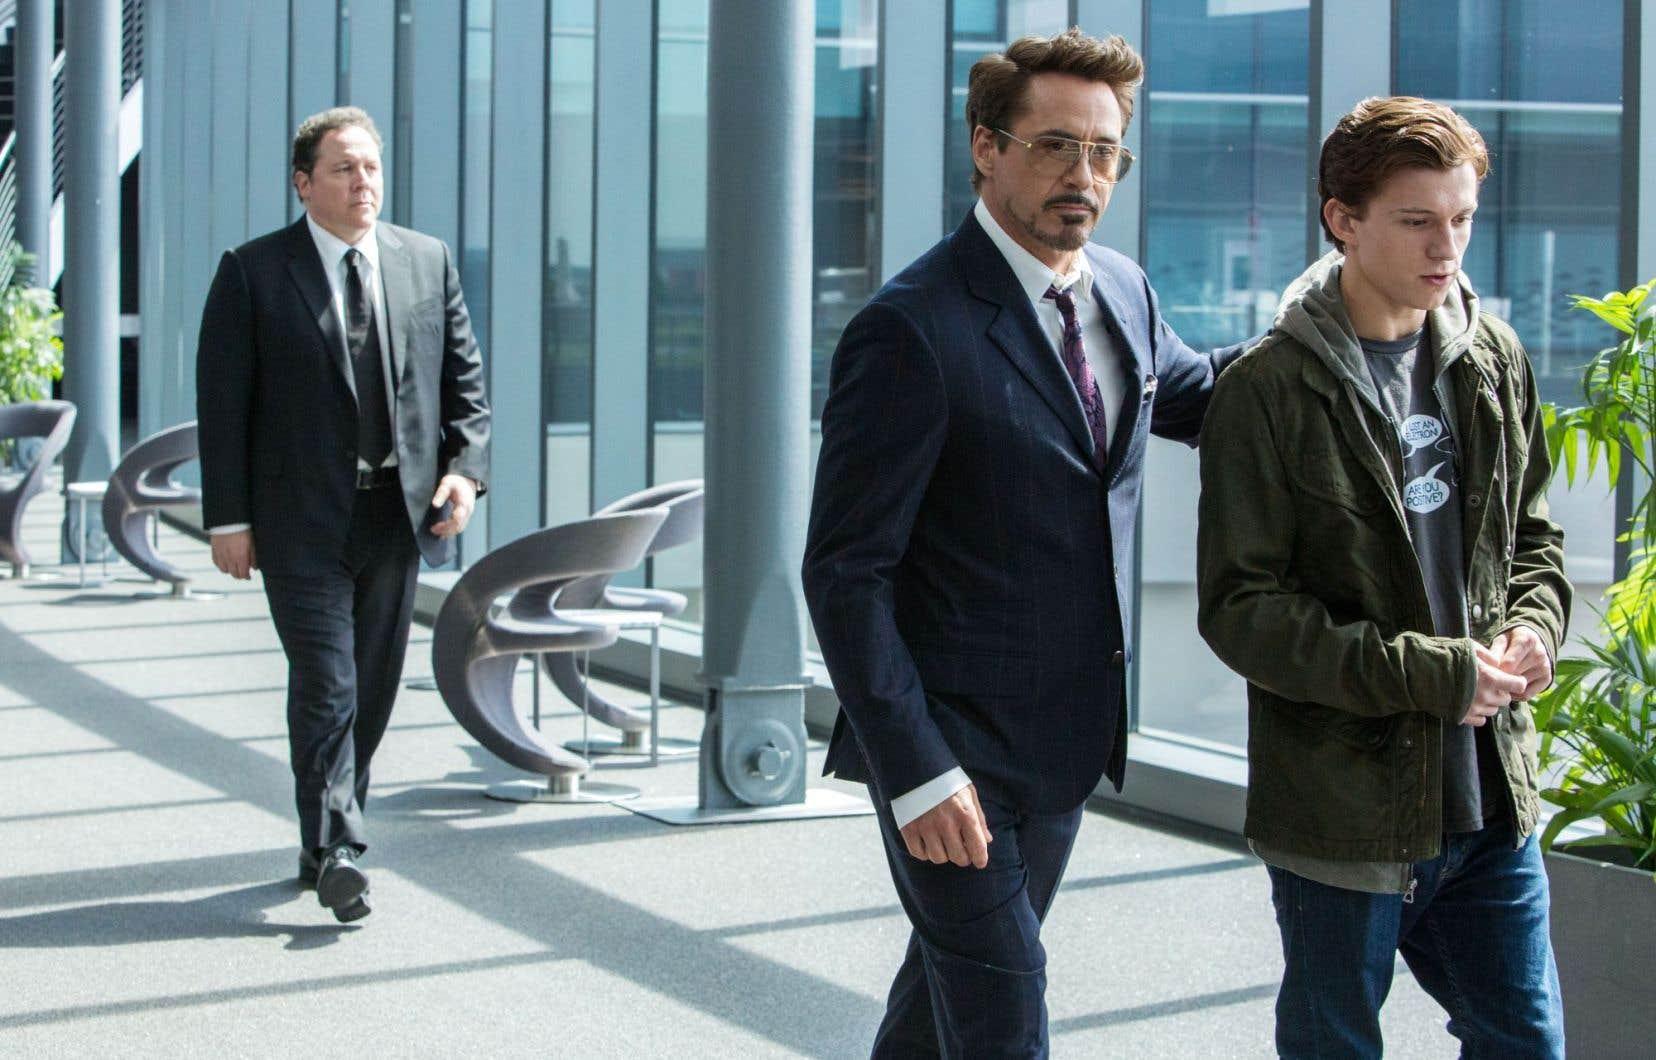 Malgré son héros attachant et l'amusante relation père-fils qui se développe entre Tony Stark et Peter Parker, cette mouture de Spider-Man repose sur un scénario trop mince pour susciter un réel intérêt.